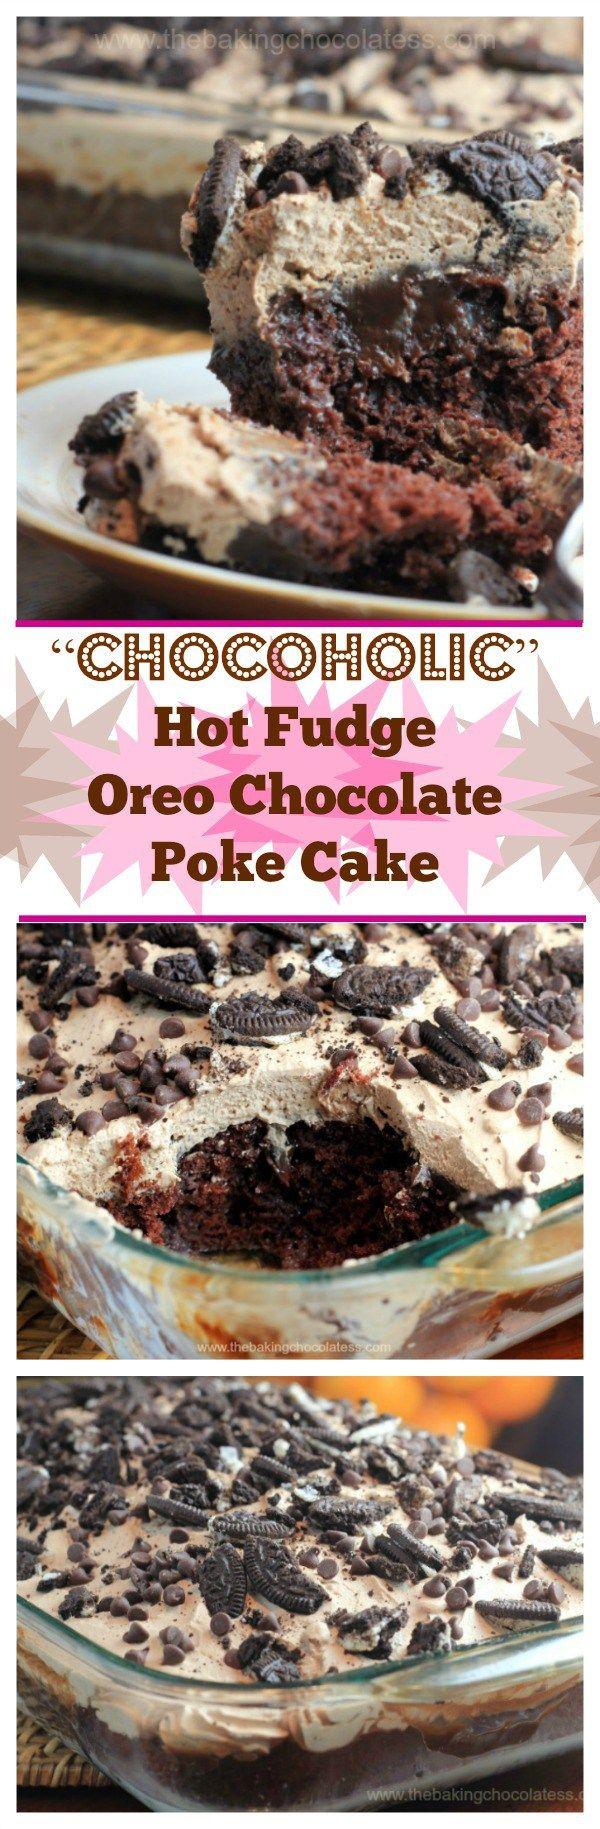 """""""Chocoholic"""" Hot Fudge Oreo Chocolate Poke Cake"""